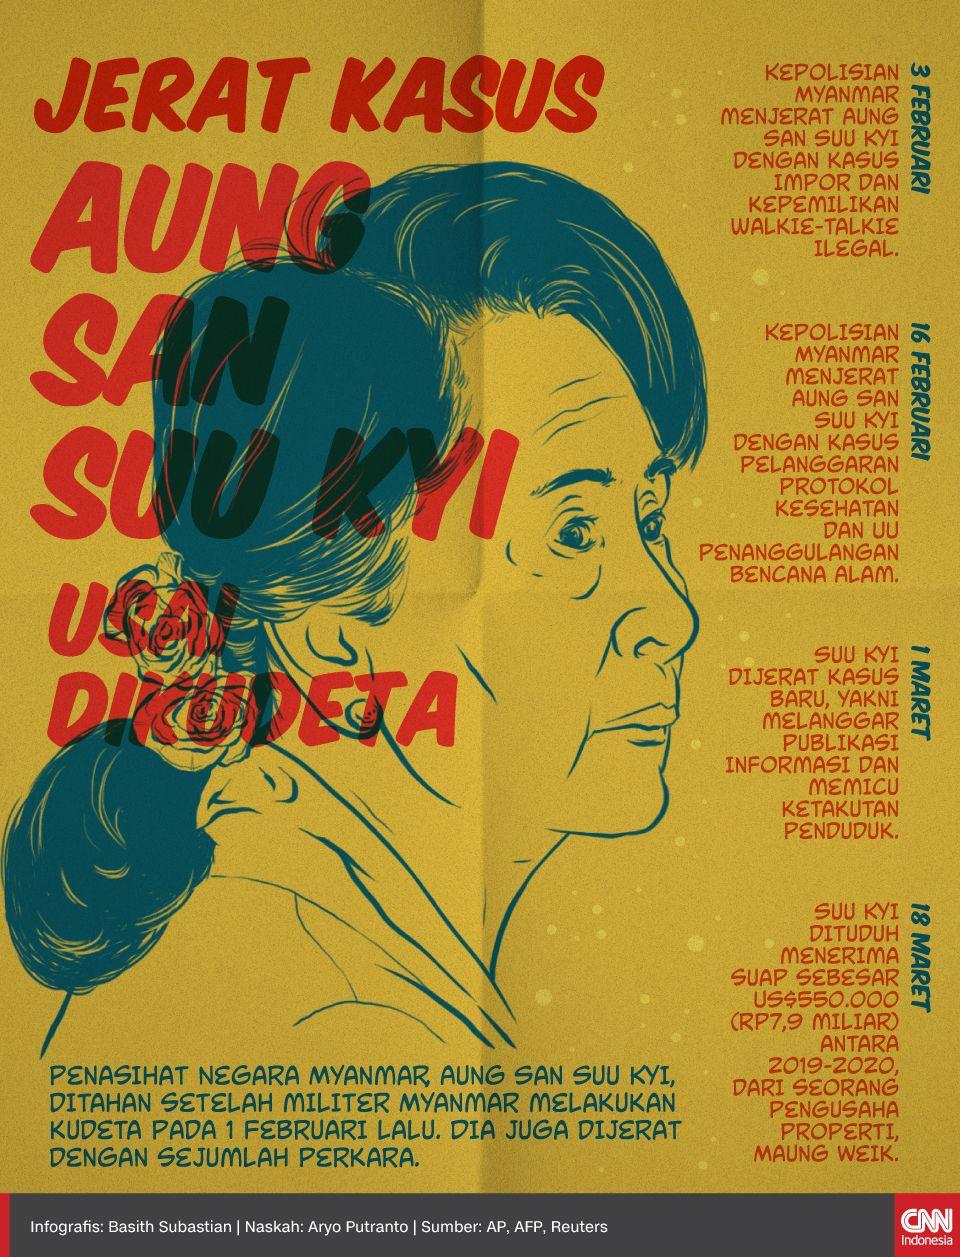 Infografis Jerat Kasus Aung San Suu Kyi Usai Dikudeta